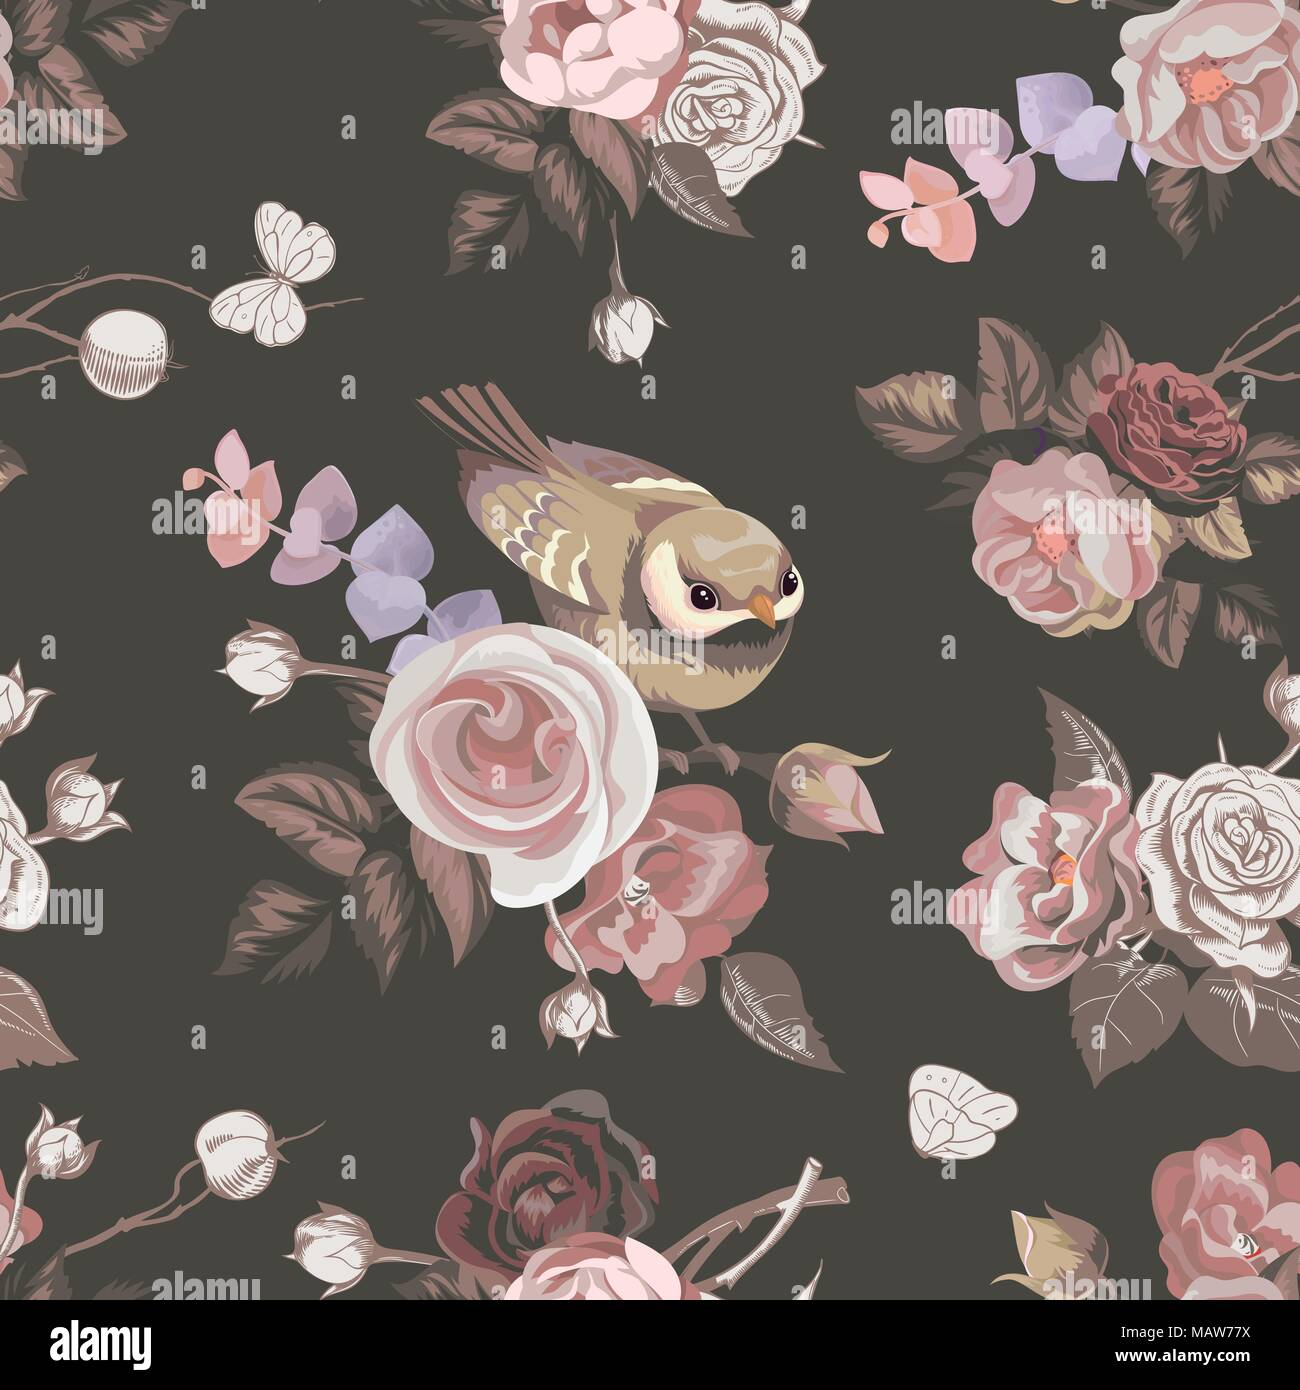 Florale Nahtlose Muster Mit Bunte Blumensträuße Rosen Und Niedlichen  Kleinen Vogel Auf Hintergrund. Vector Illustration Im Retro Stil Für Tapeten,  ...